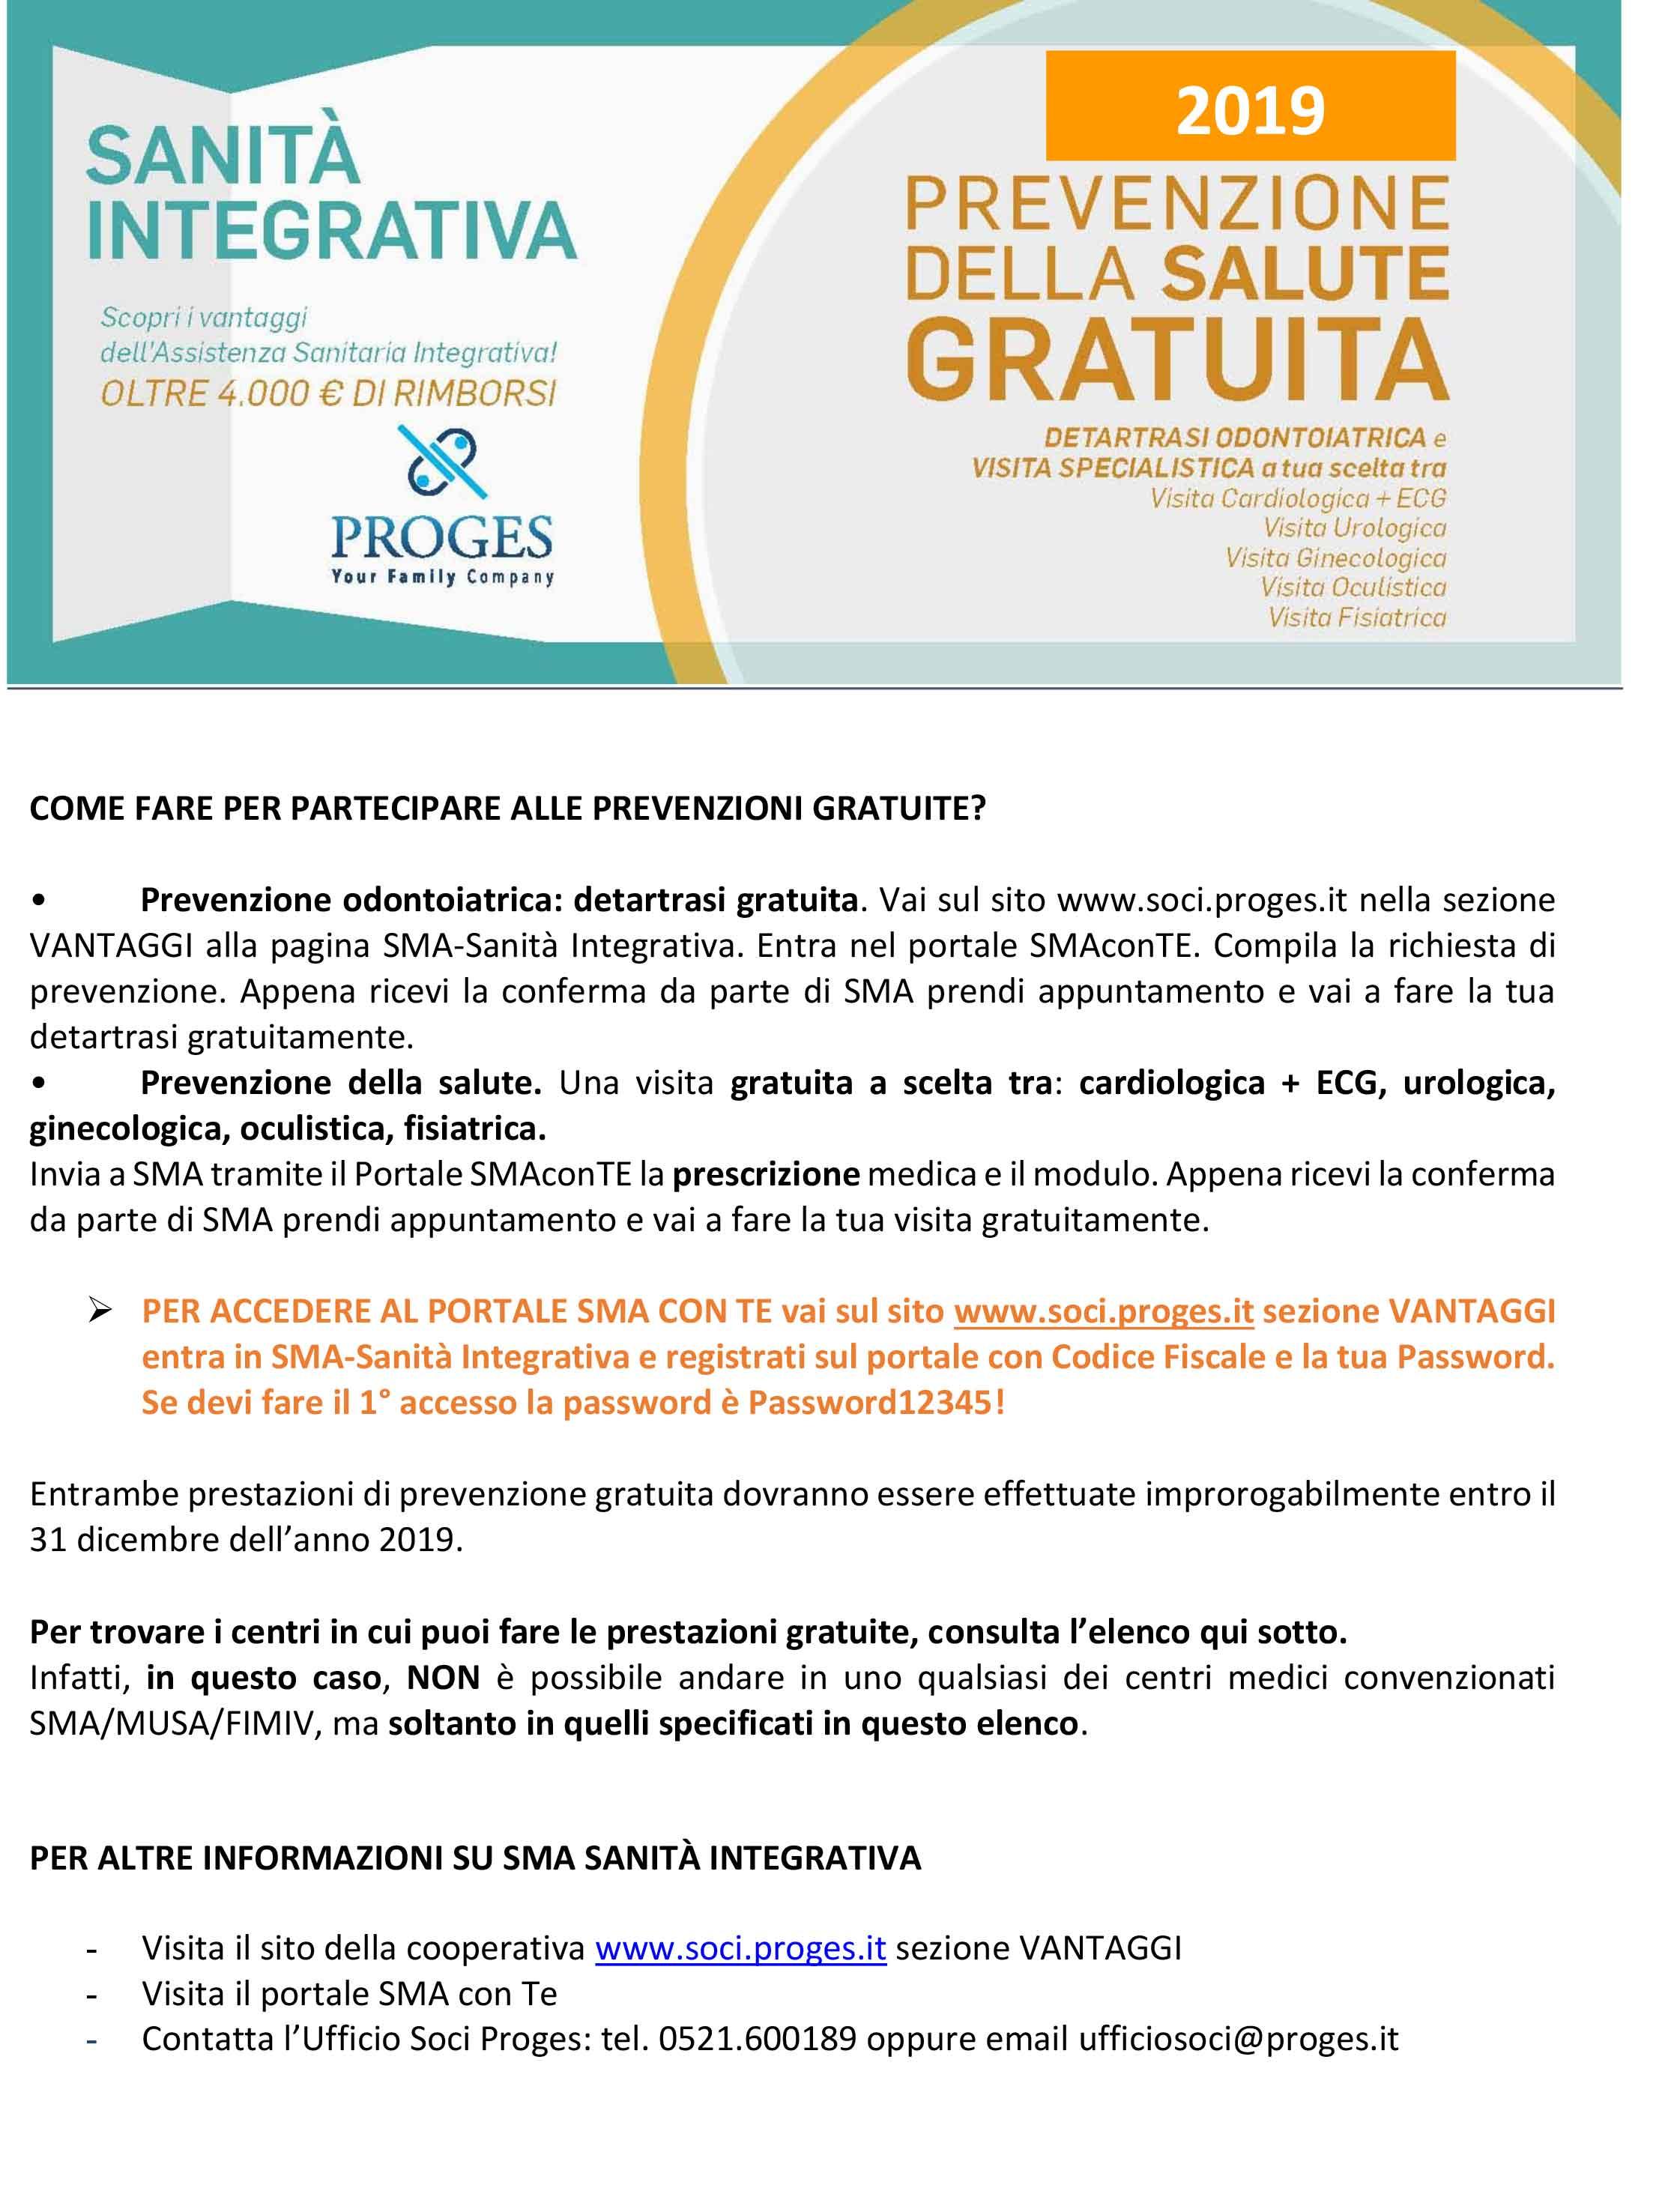 NUOVO PREVENZIONE GRATUITA SMA 2019 immagine